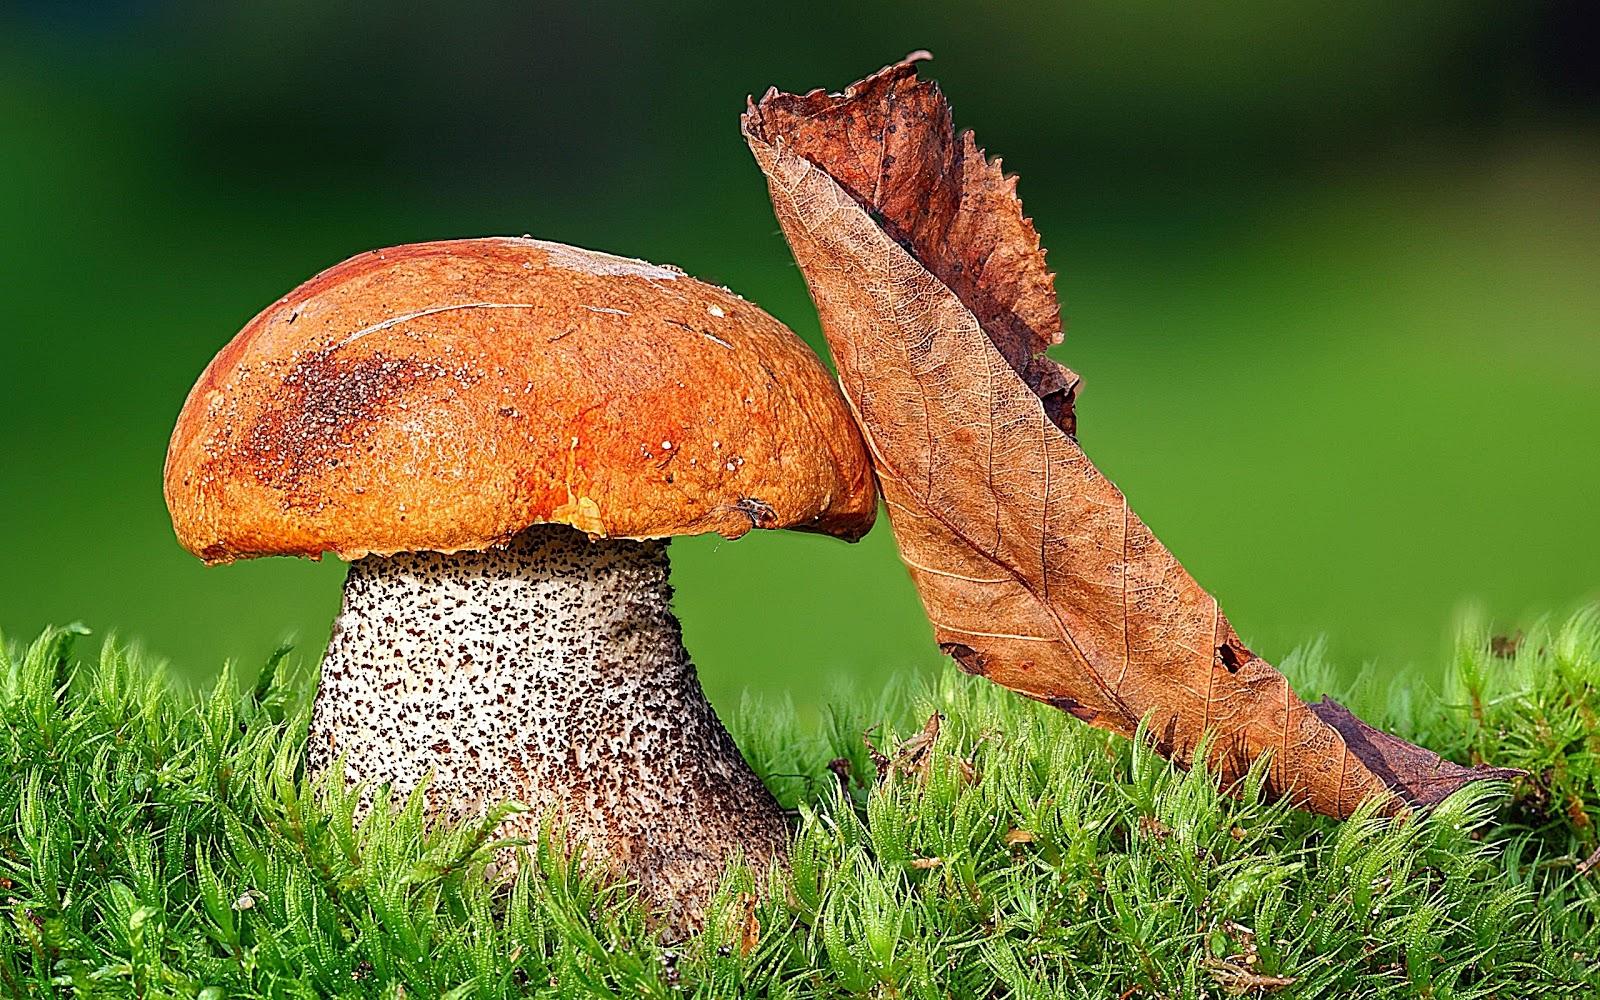 http://1.bp.blogspot.com/-BV2uFKuodvY/TkbU5soSilI/AAAAAAAAIb8/p3mq_tFkfXQ/s1600/mushroom_and_leaf-2560x1600_HD_wallpaper.jpg